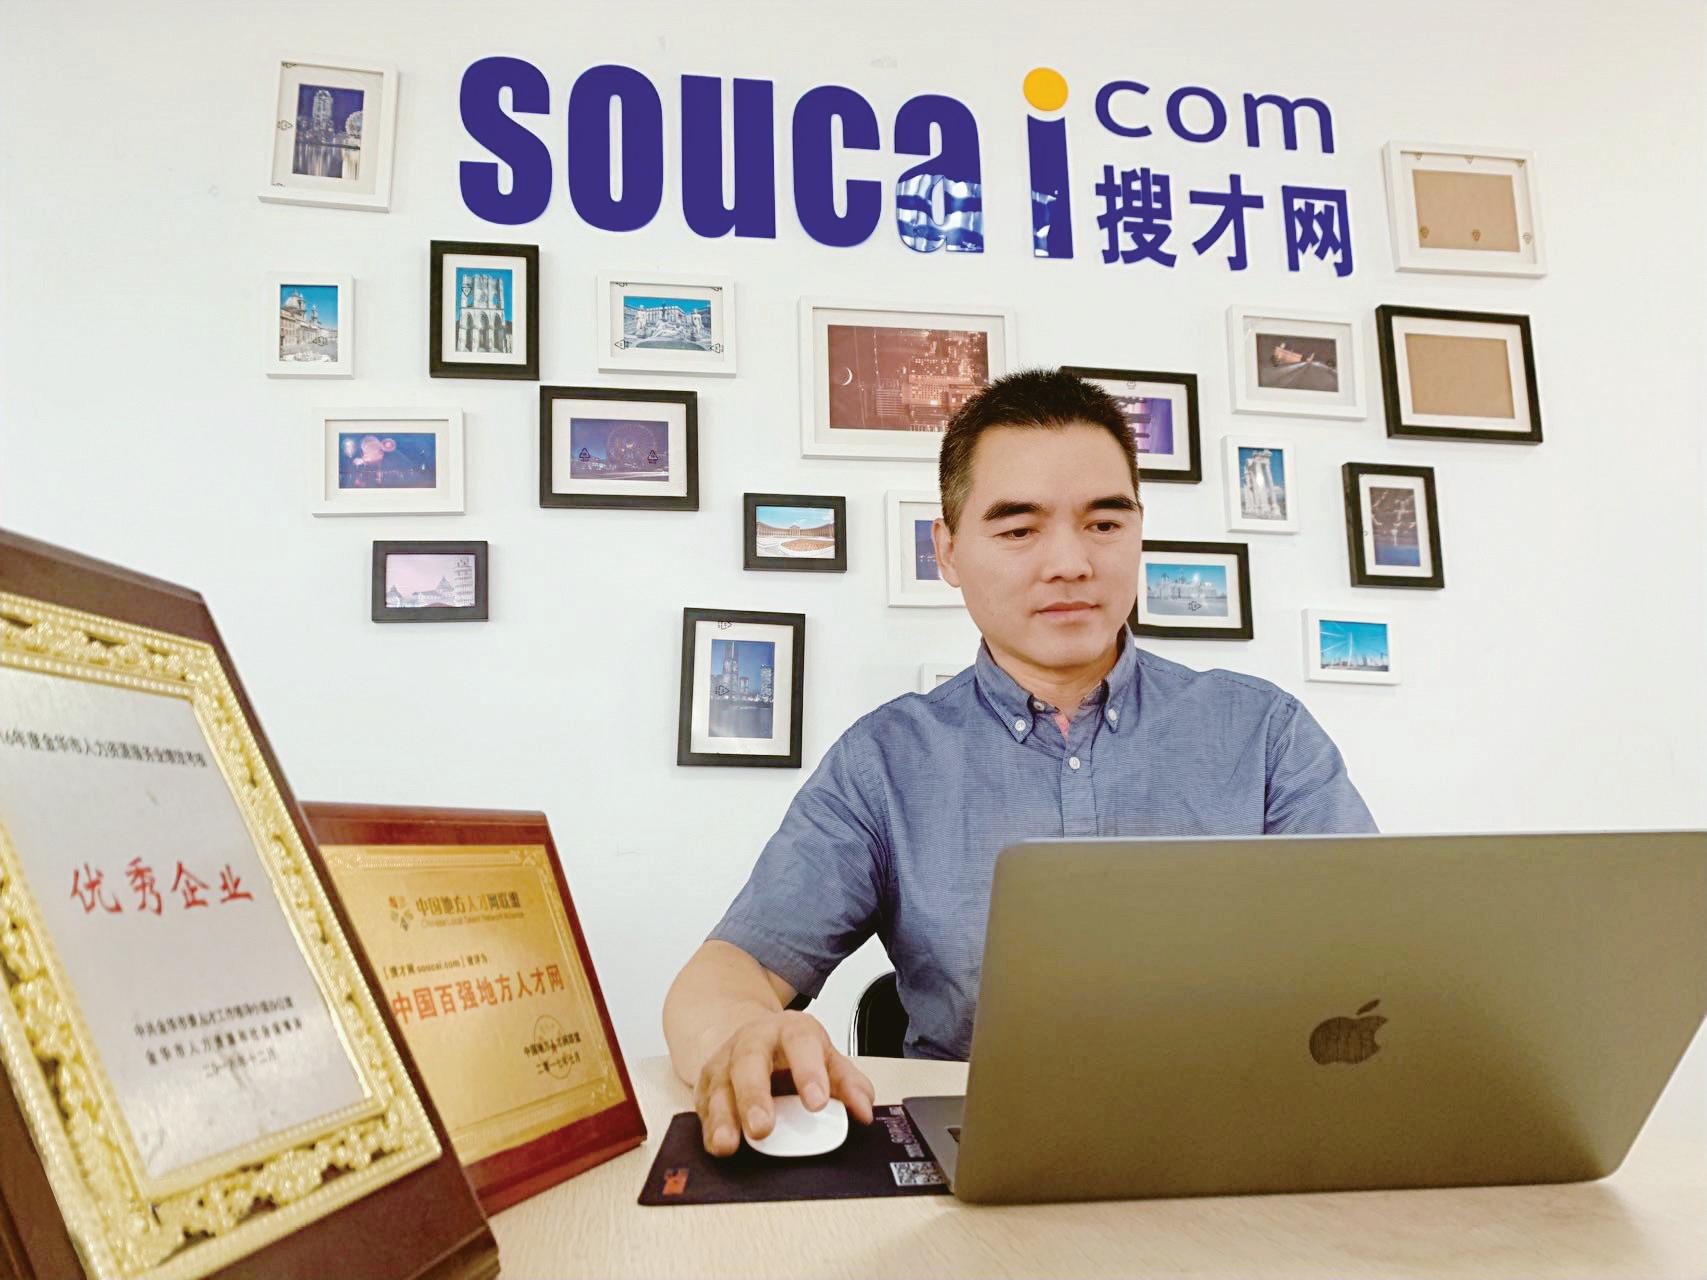 致敬义商 传承梦想(3)黄刚:开创网络招聘平台,为义乌网罗优秀人才